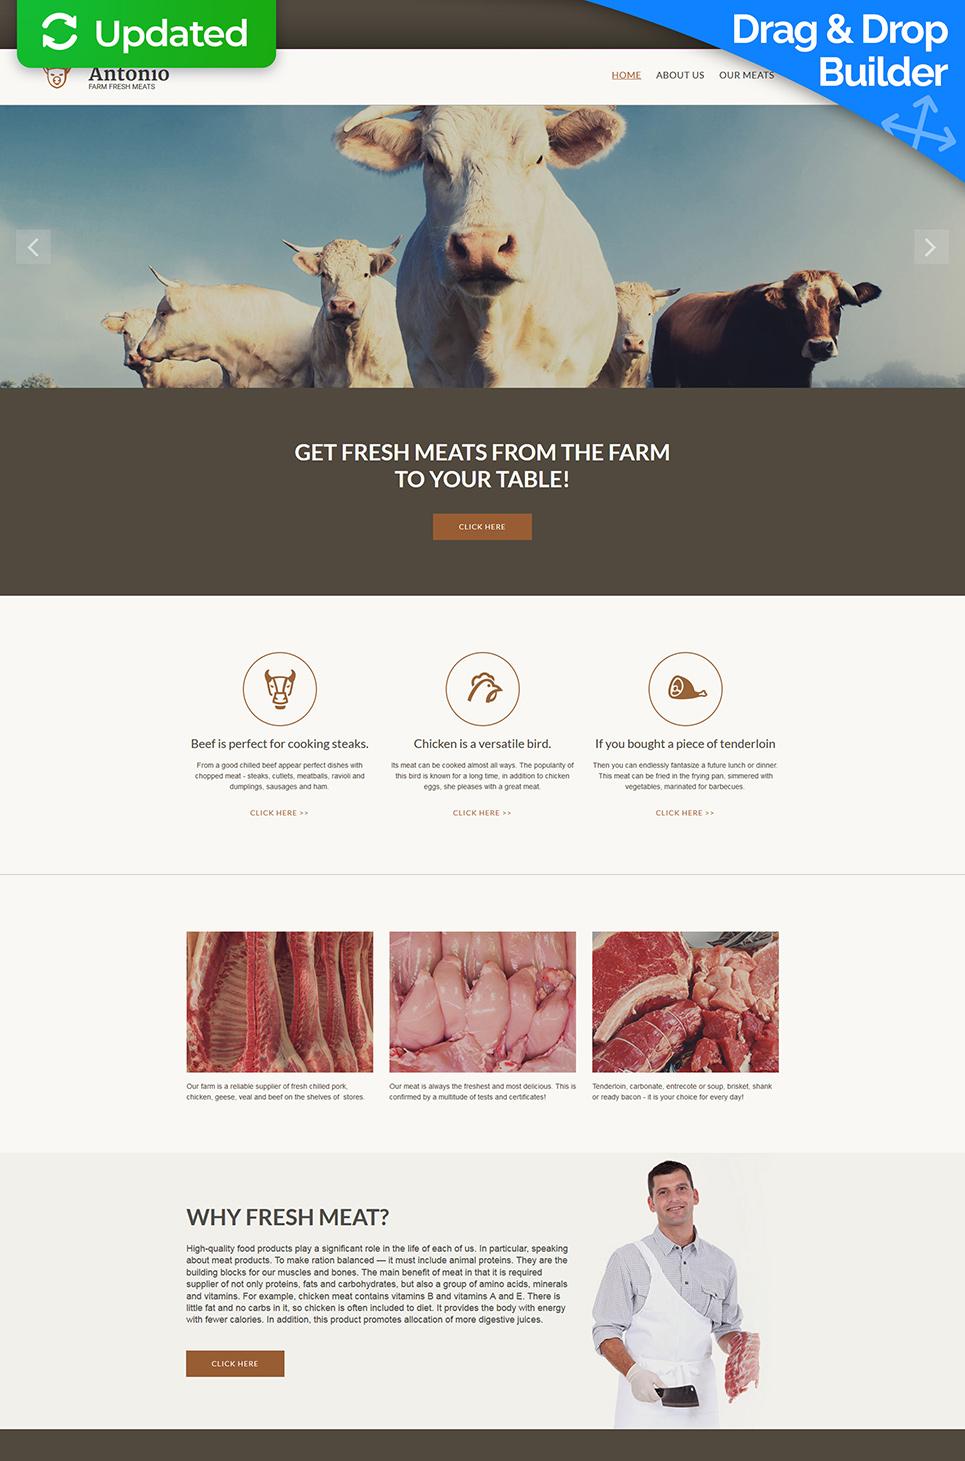 Diseño web para la venta de carnes - image